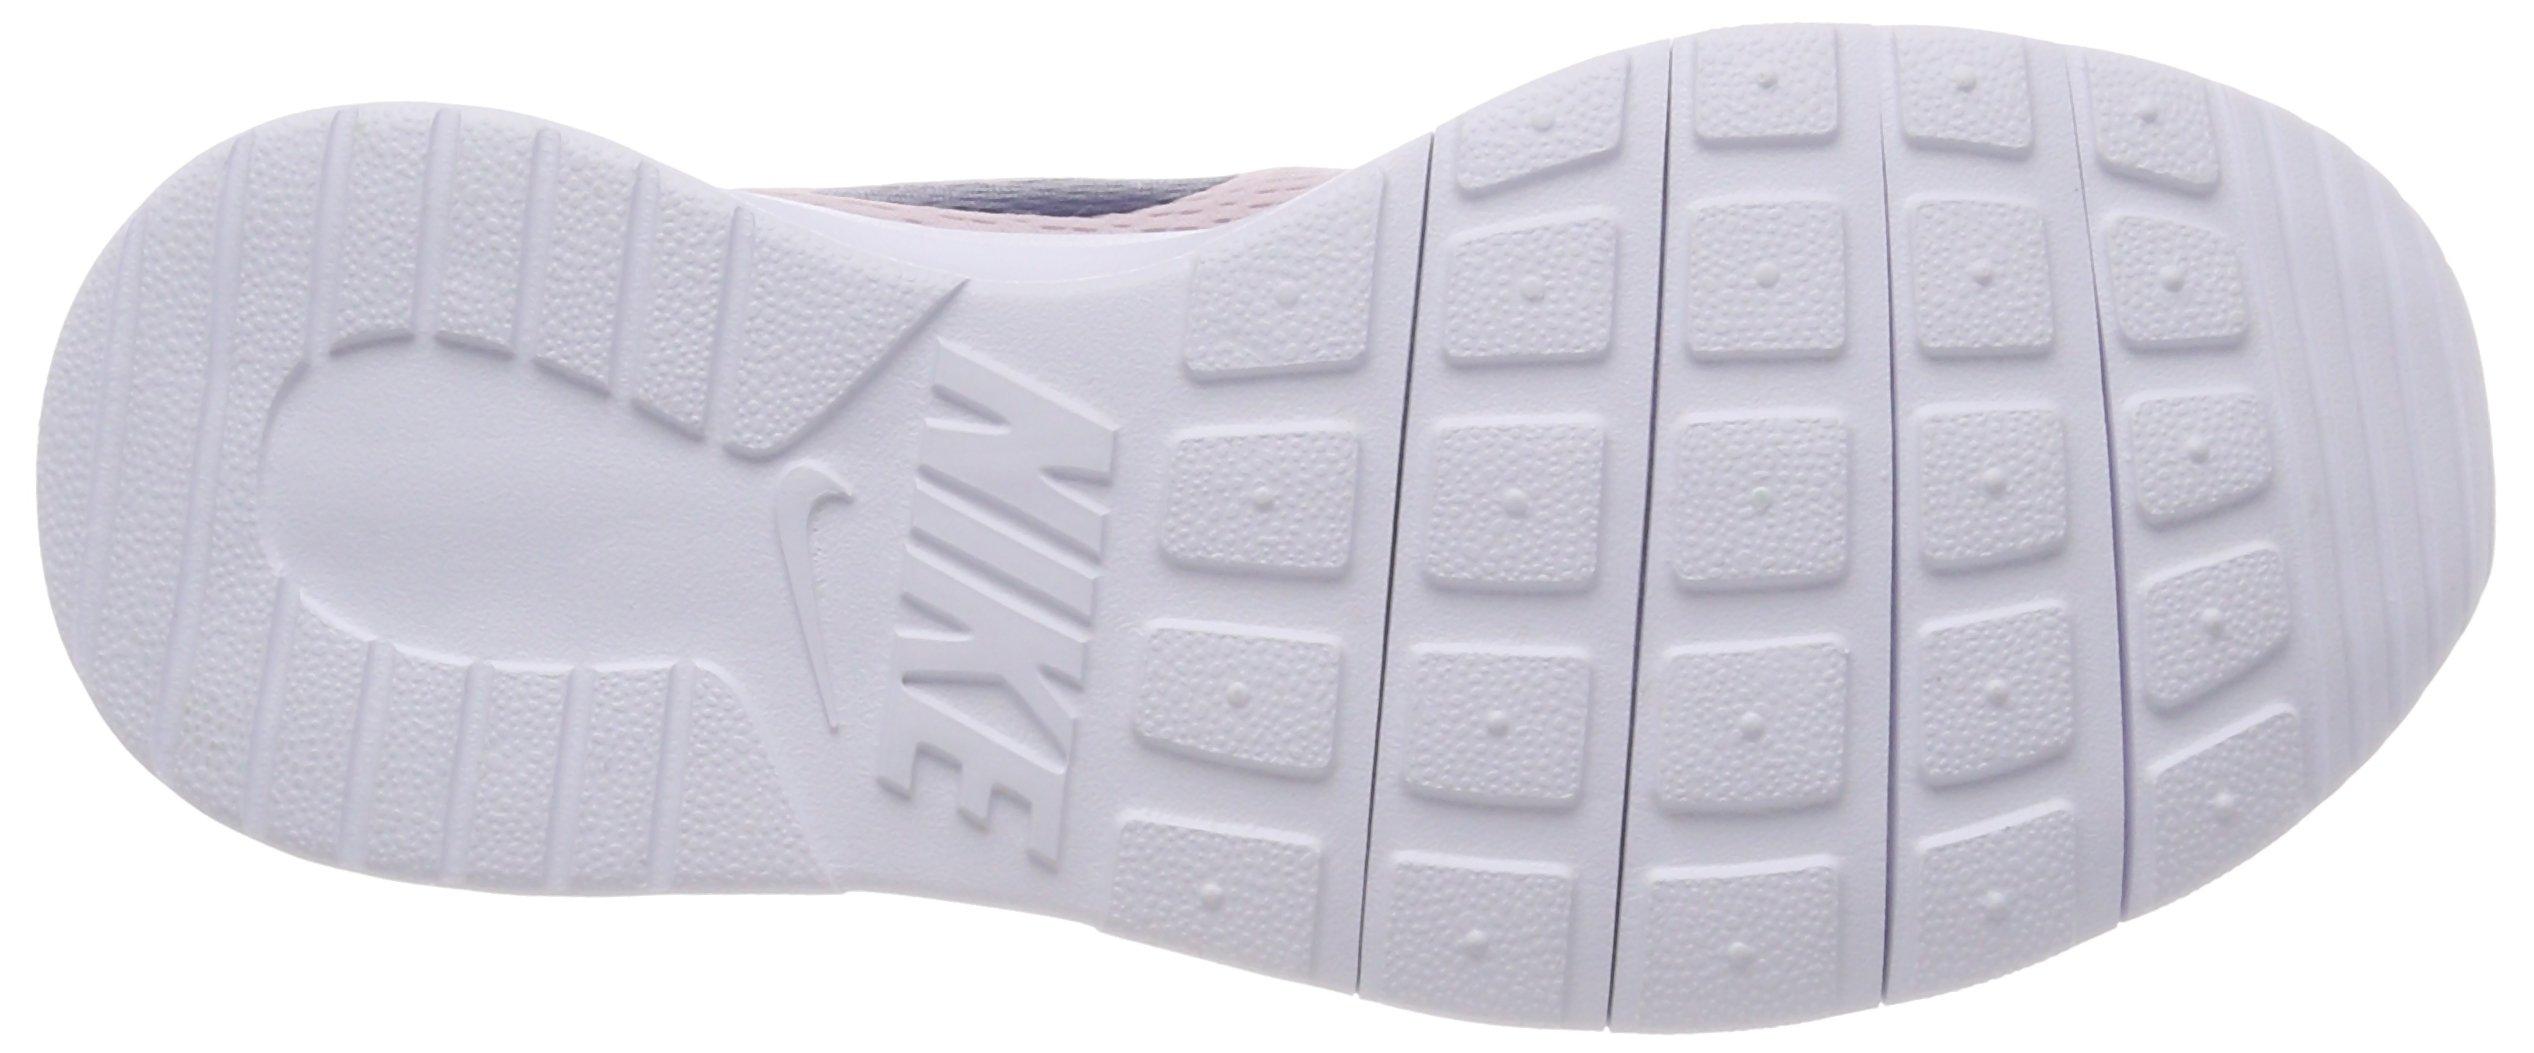 Nike Girl's Tanjun Shoe Barely Rose/Navy/White Size 4 M US by Nike (Image #3)